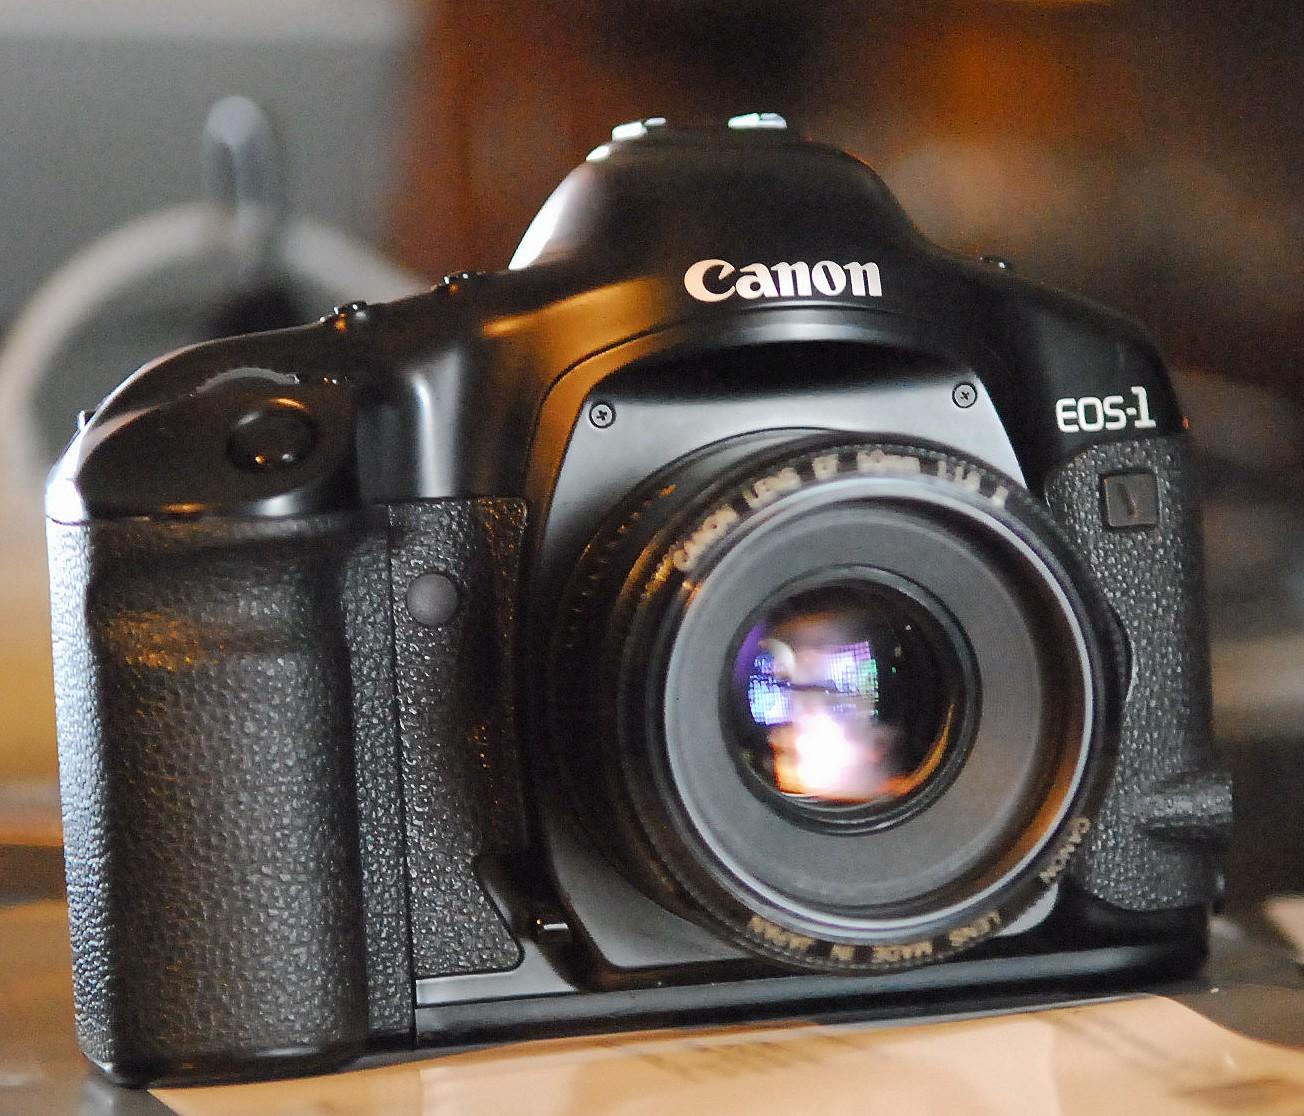 Canon прекратила продажи последней модели пленочной камеры